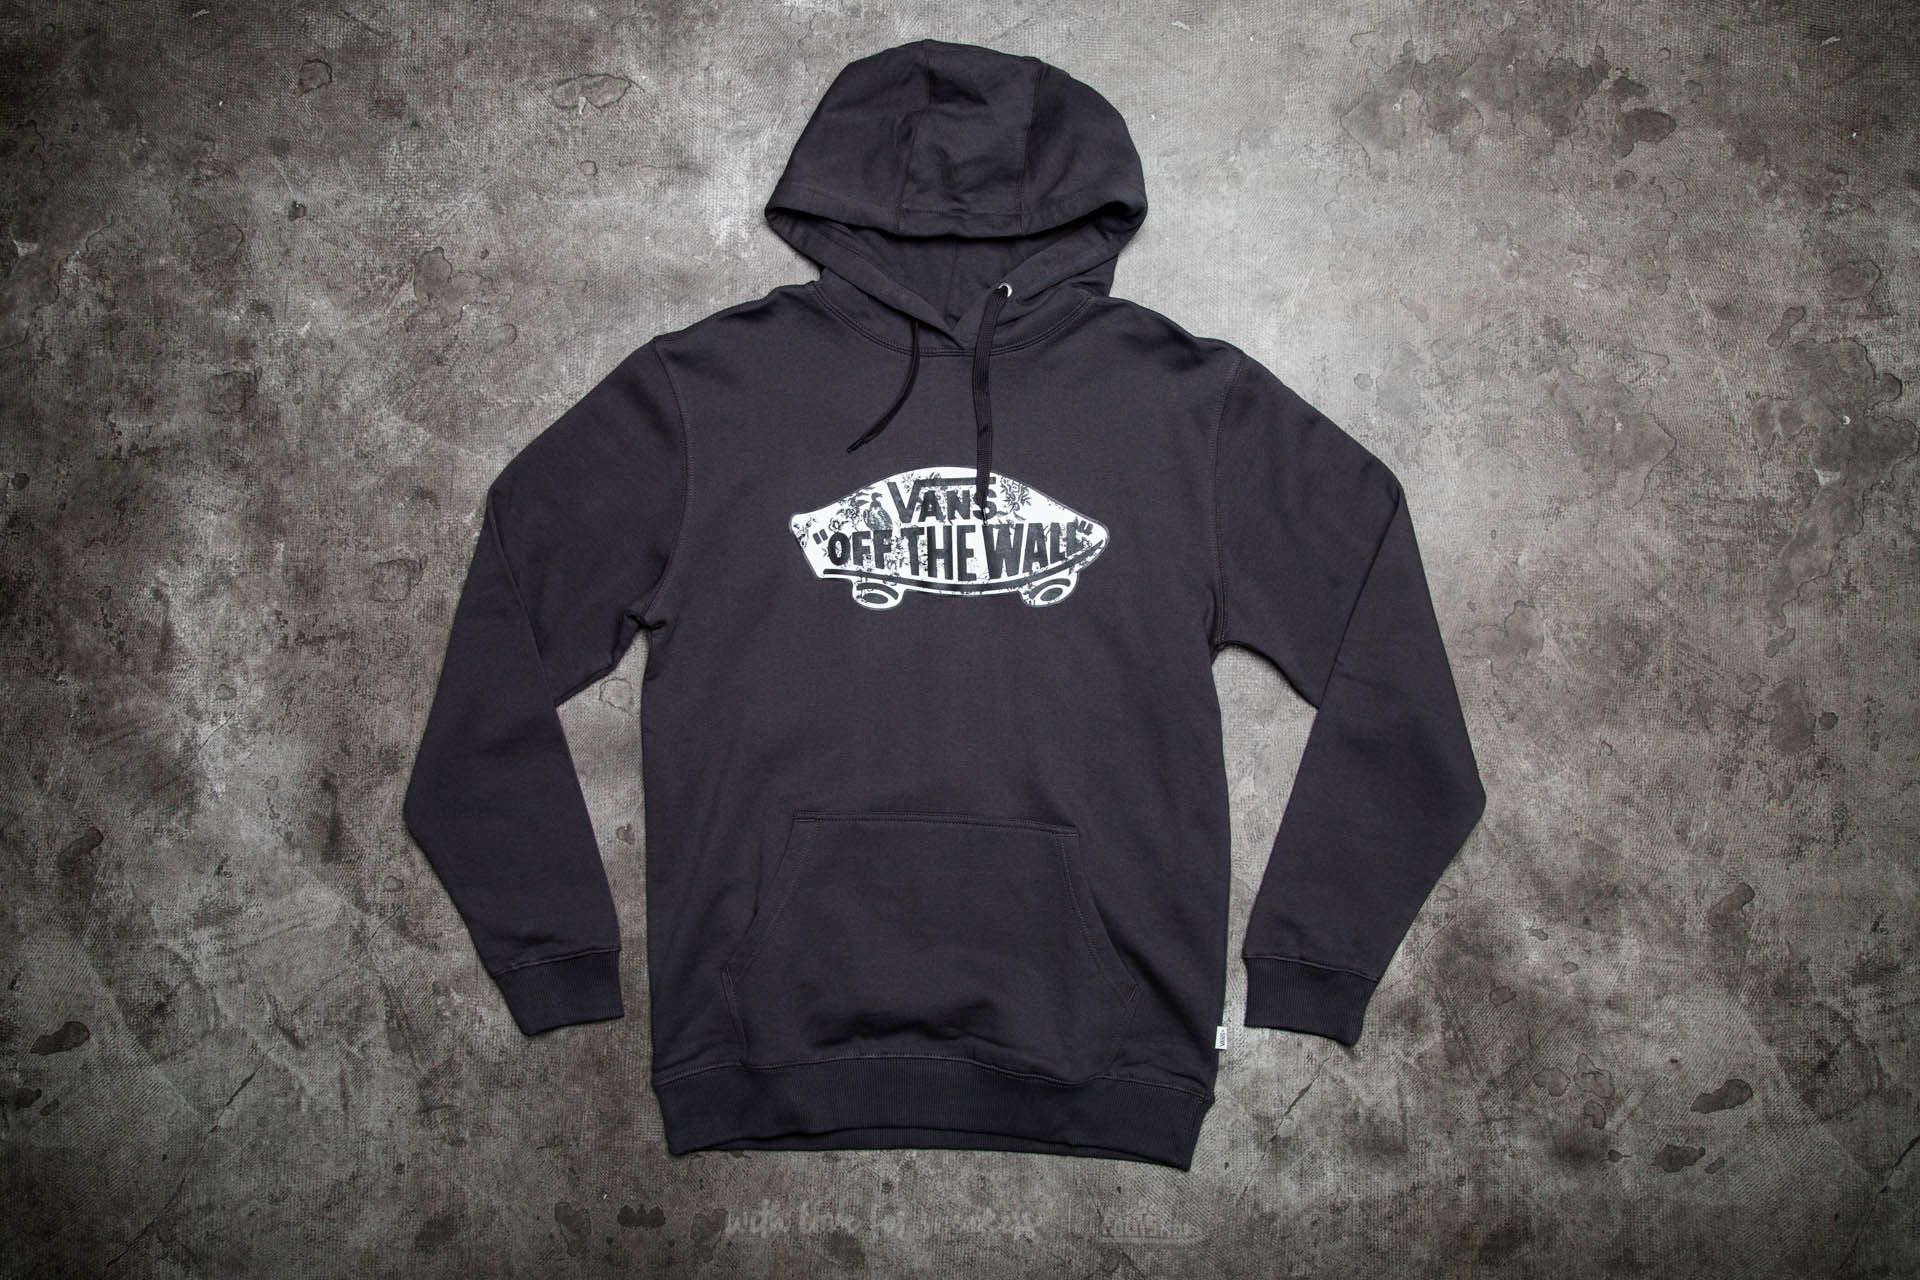 7faa95eaabdd Vans OTW Pullover Fleece New Charcoal